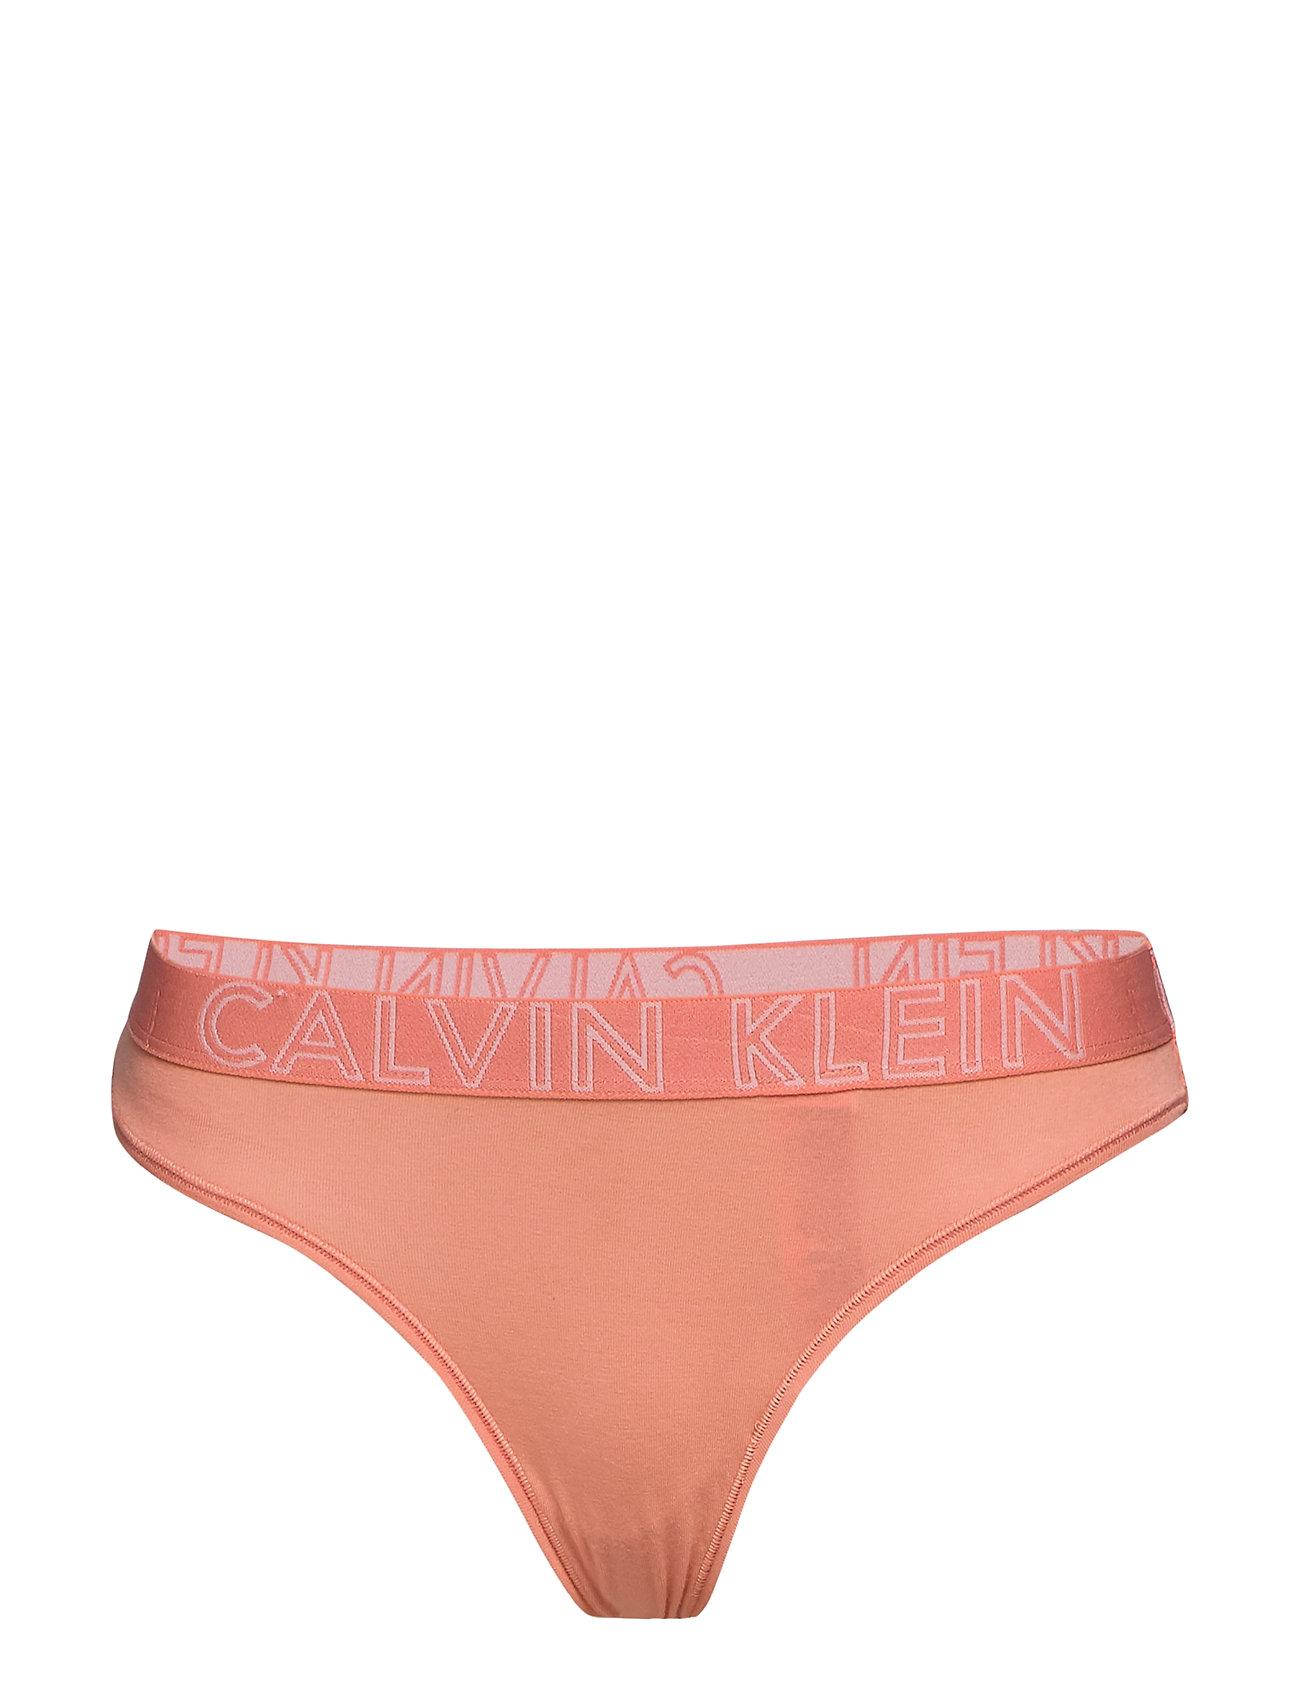 Calvin Klein THONG - CHIMERA